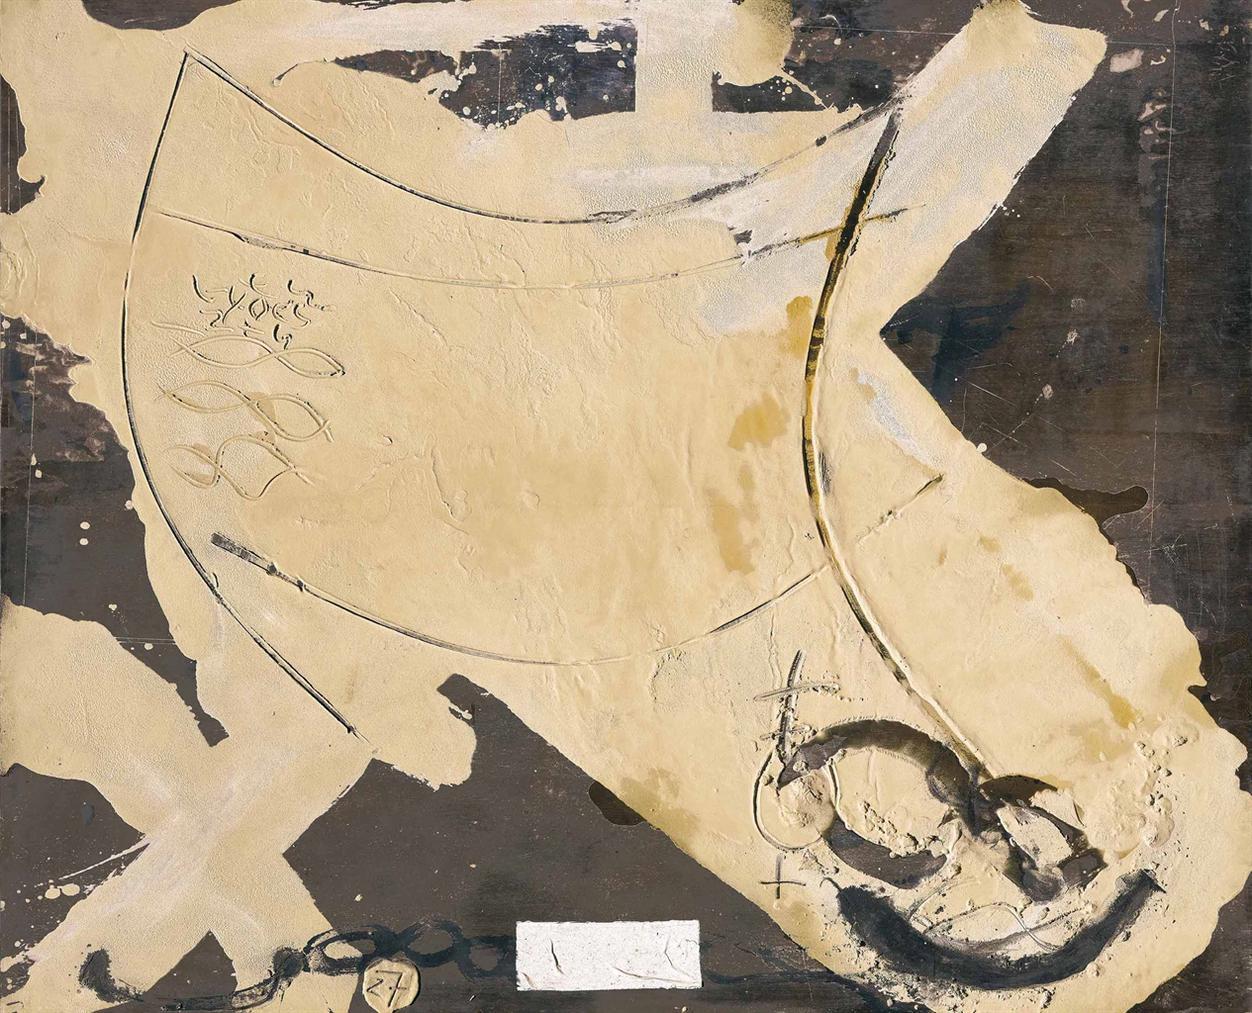 Antoni Tapies-Formas Curvas (Curved Forms)-1980